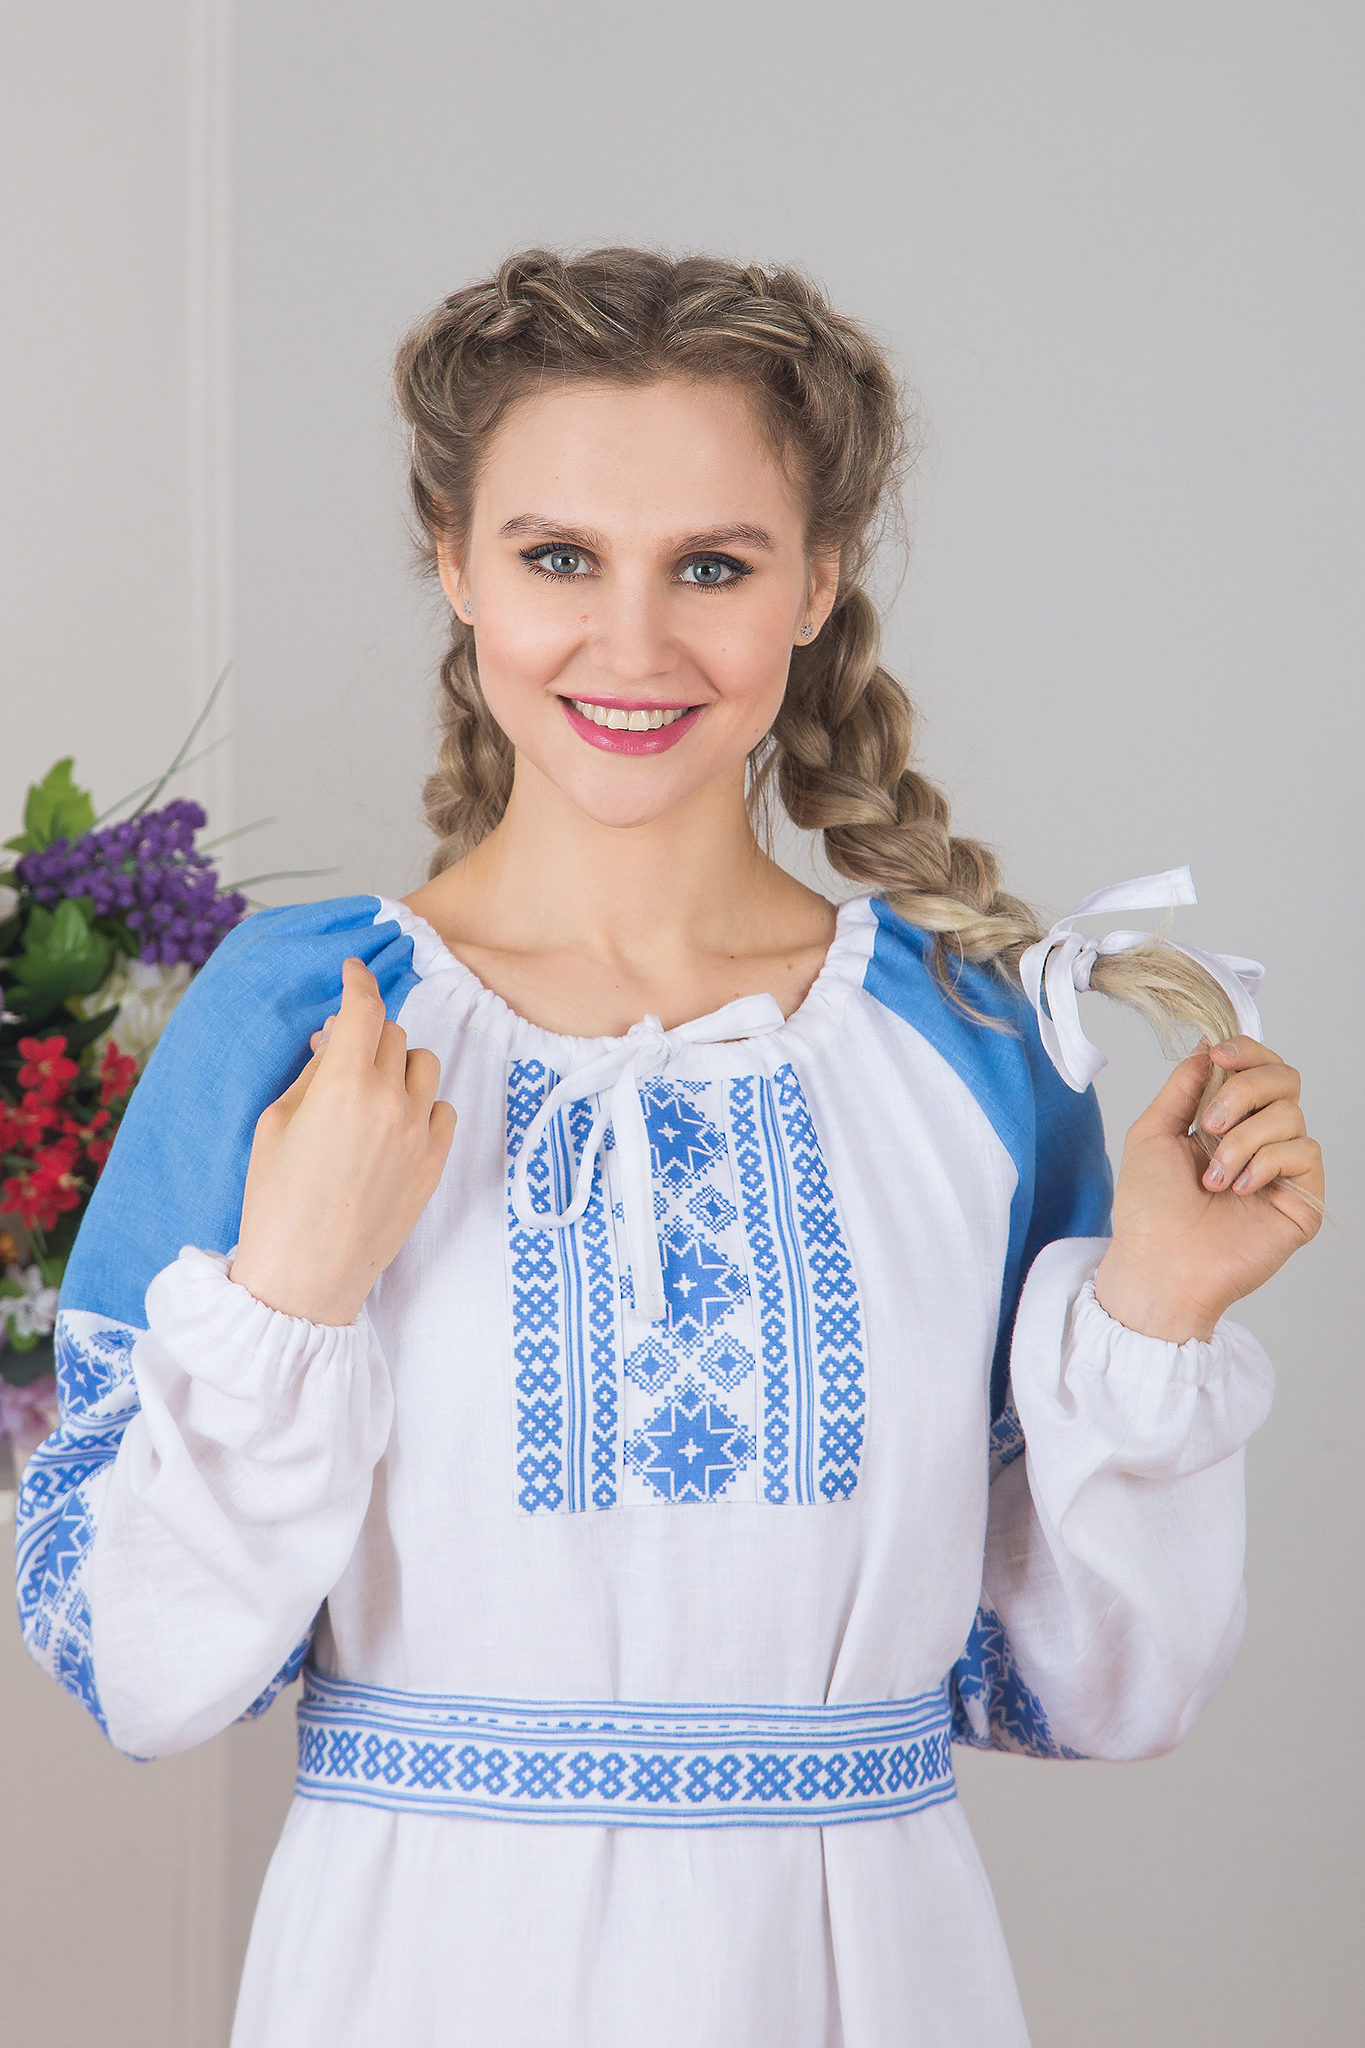 Платье Репейник счастья (белое) приближенный фрагмент